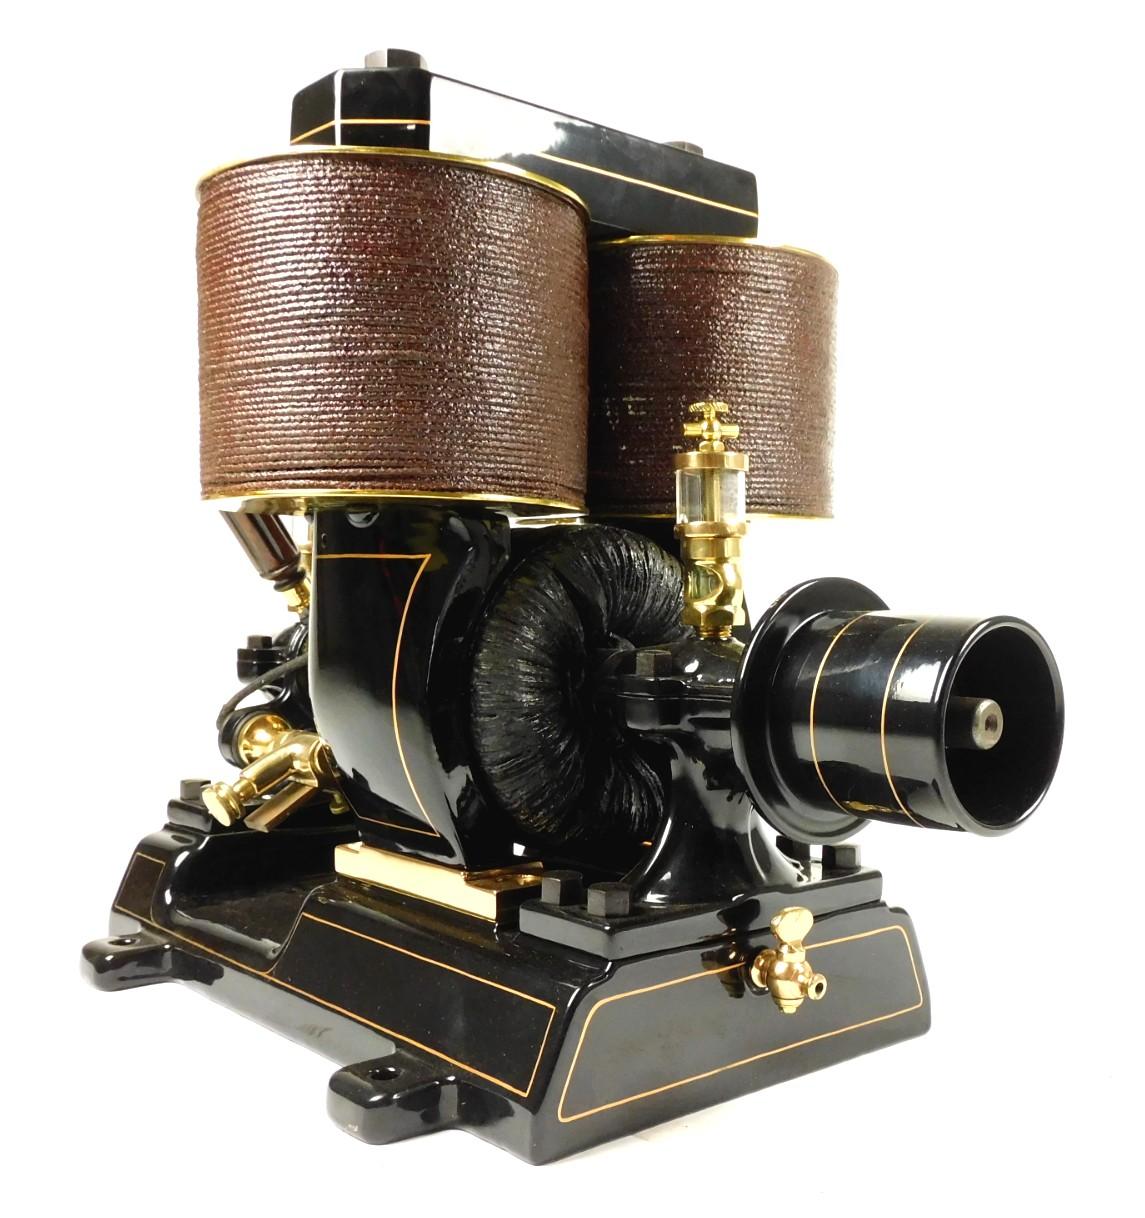 Circa 1890's C&C 5N 220V Bipolar Motor